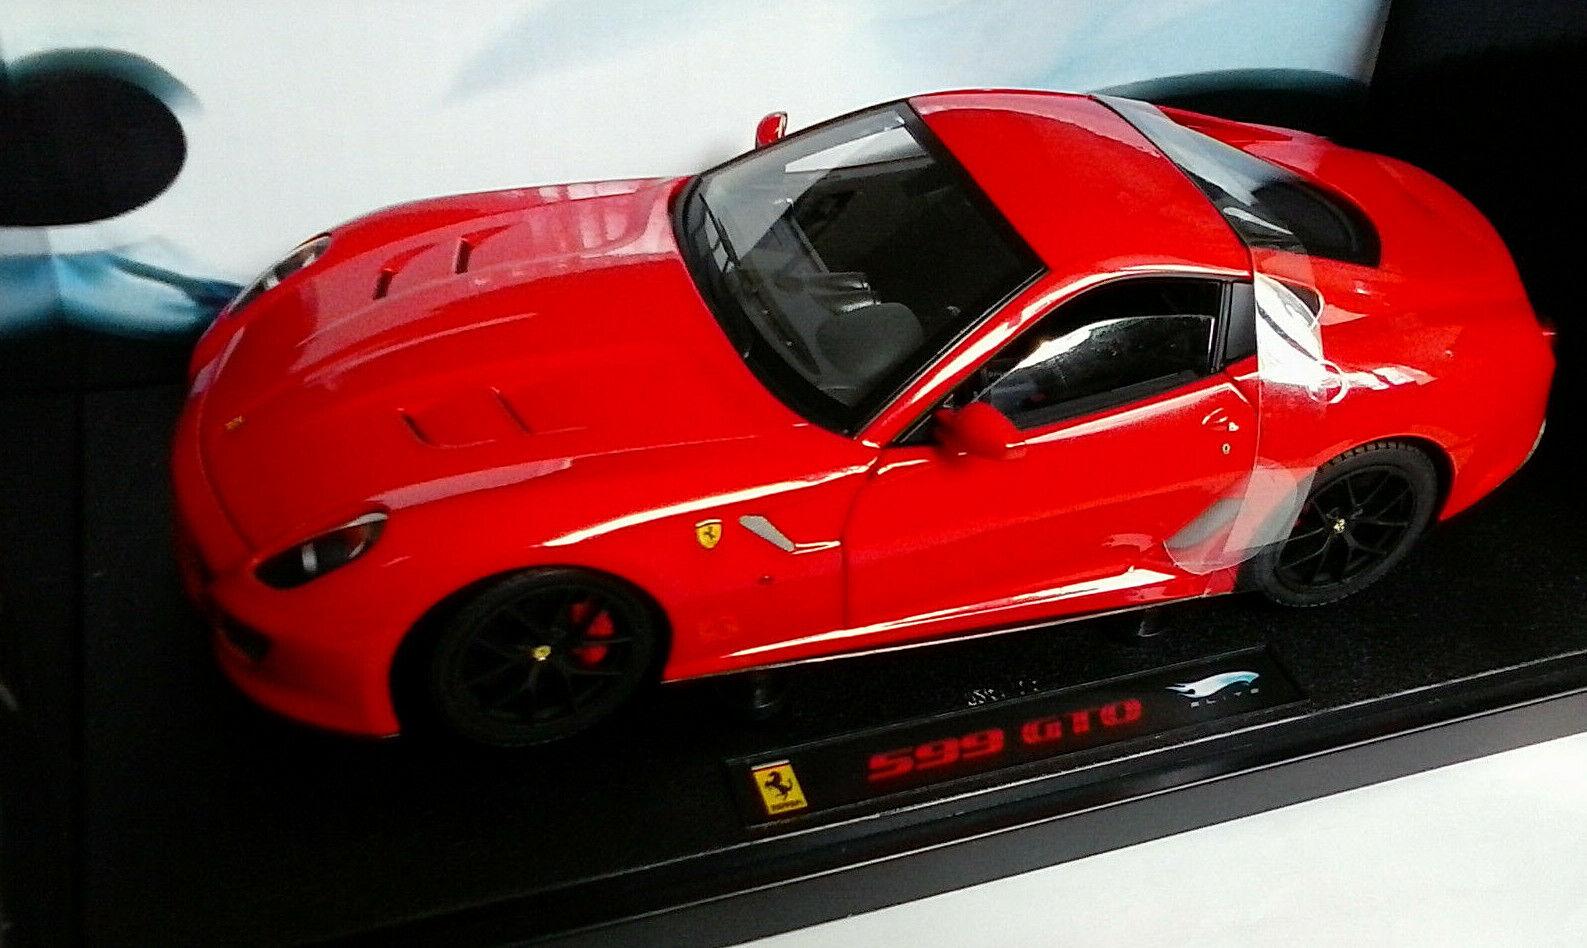 Hot Wtalons  Elite 1 18 Metal voiture Ferrari 599 GTO rouge Art t6927  économiser 60% de réduction